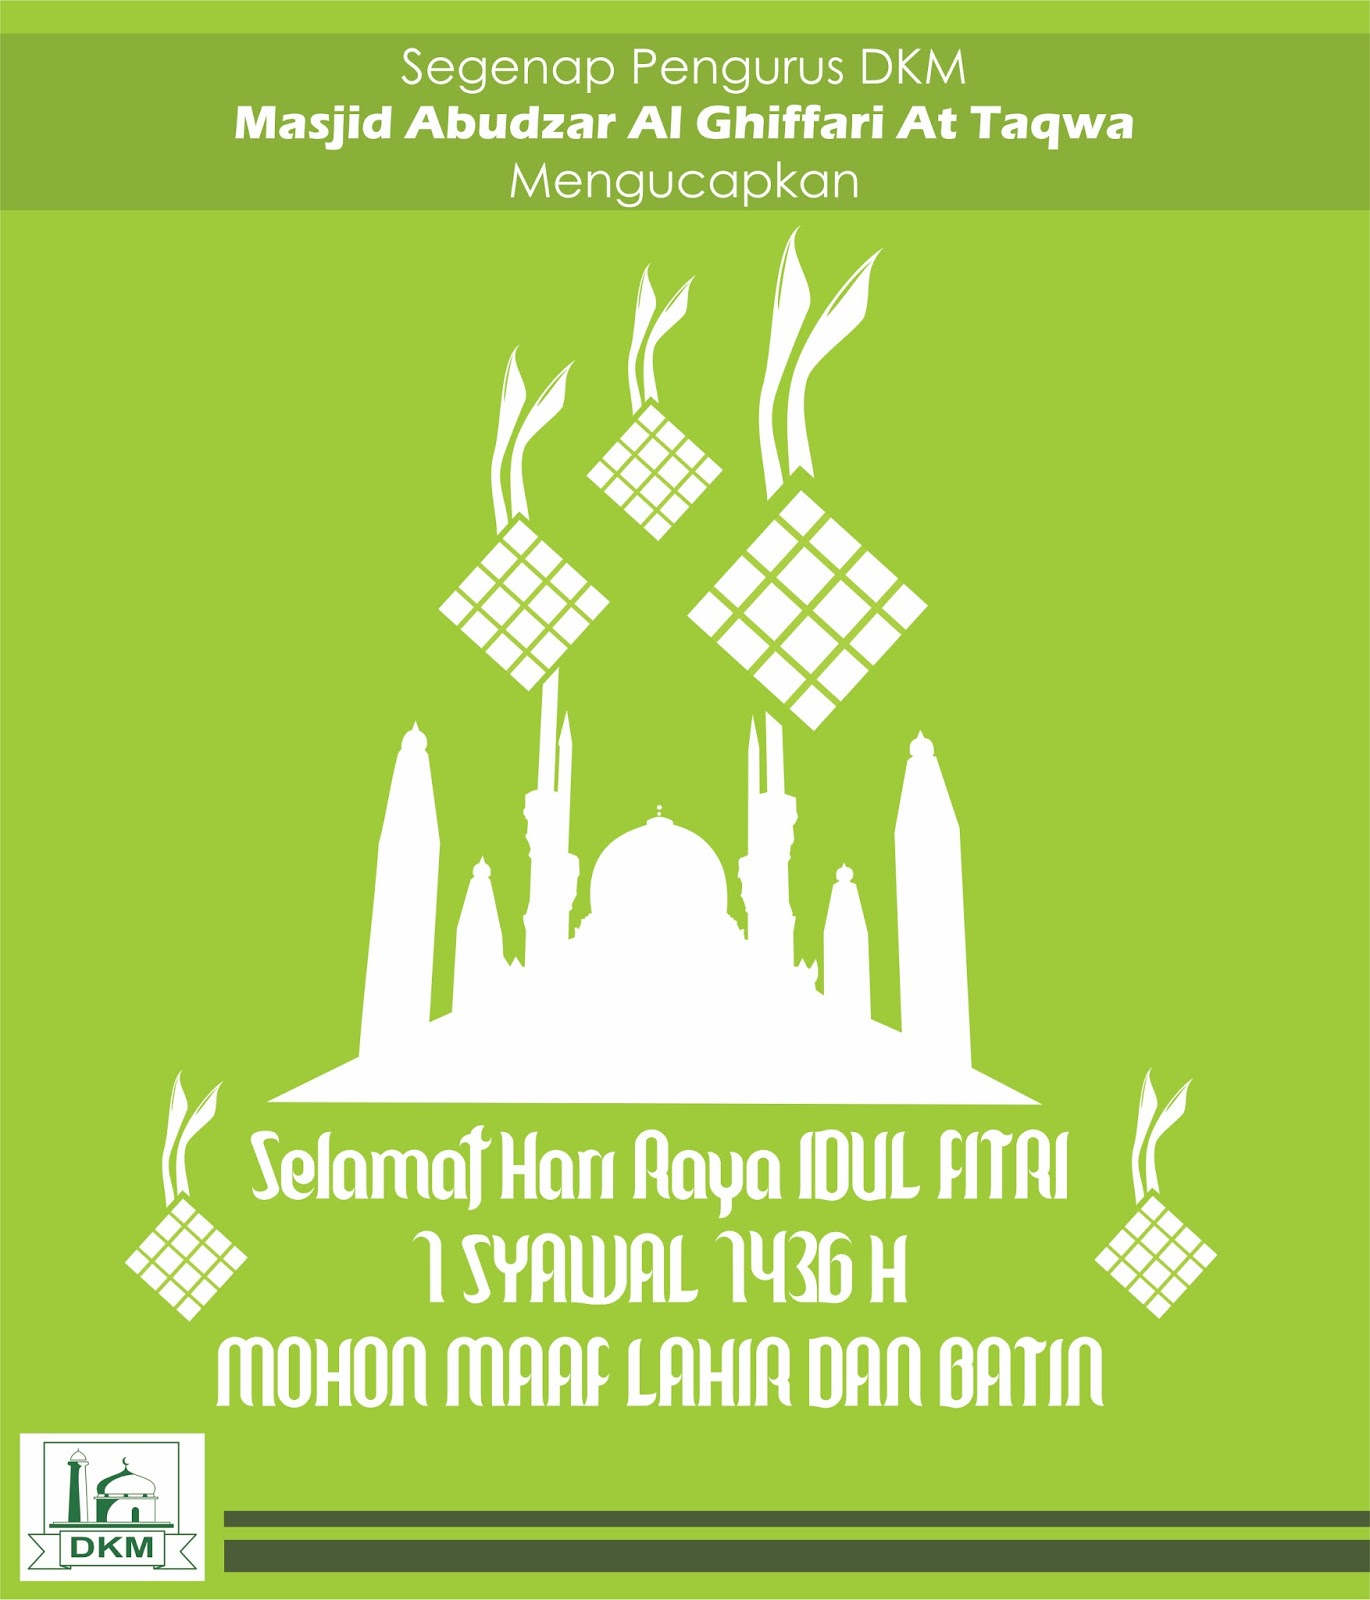 Rw 18 Aren Jaya Kota Bekasi Minal Aidin Wal Faidzin Selamat Hari